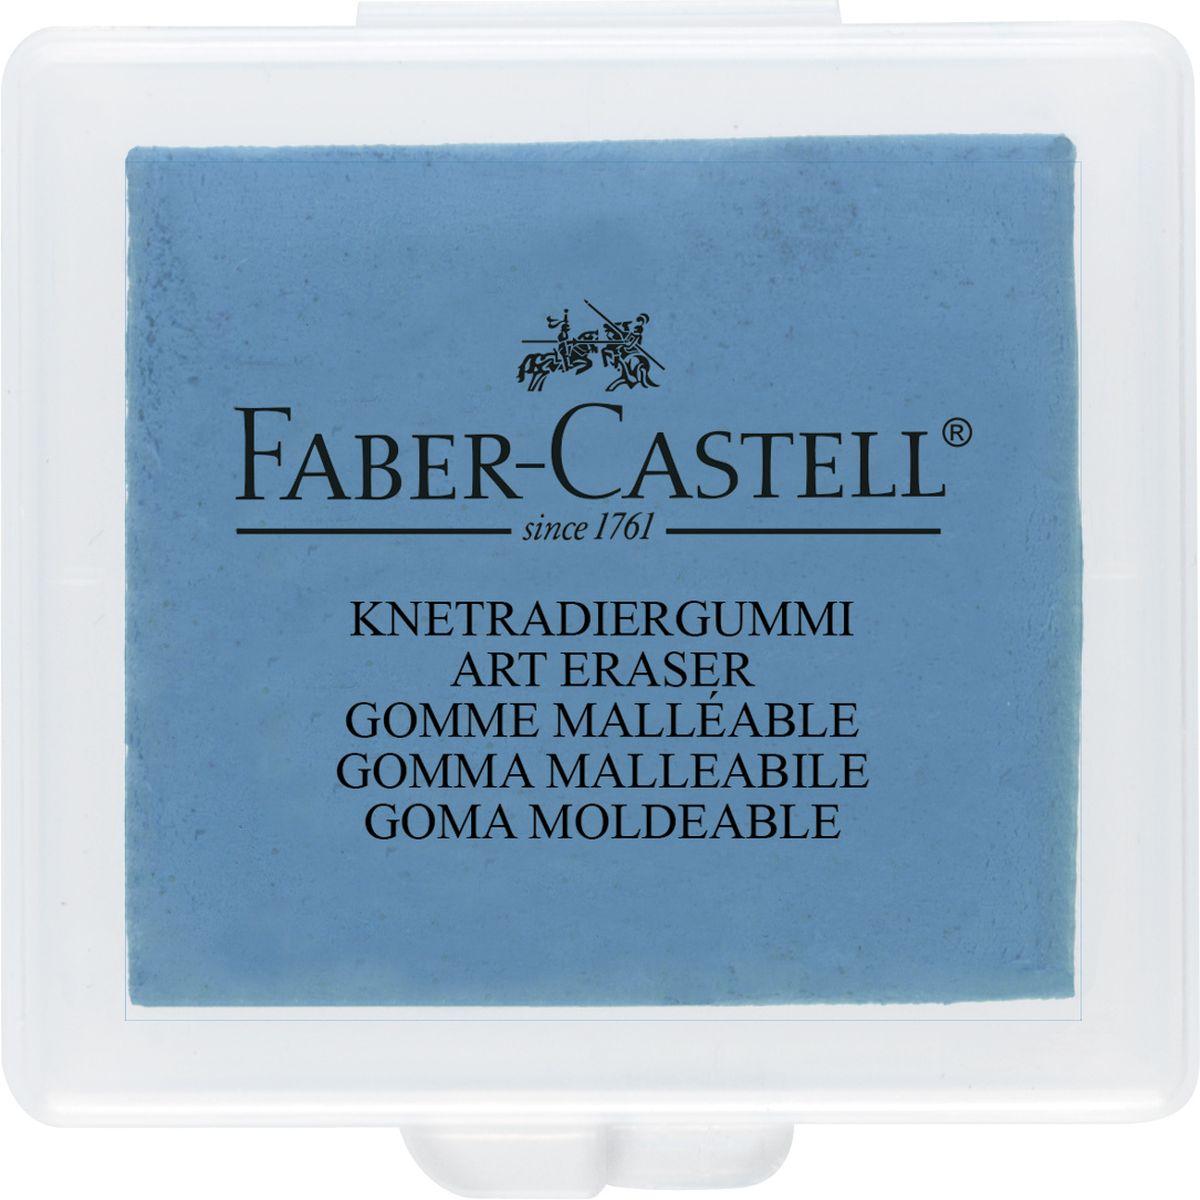 Faber-Castell Художественный ластик цвет голубой127321Ластик Faber-Castell пригодится любому художнику. Аккуратный ластик не оставляет грязных разводов. Ластик Faber-Castell служит для коррекции и осветления рисунков, созданных мягкими карандашами, углем или пастелью. Ластик дополнительно служит для очистки фотопленок.